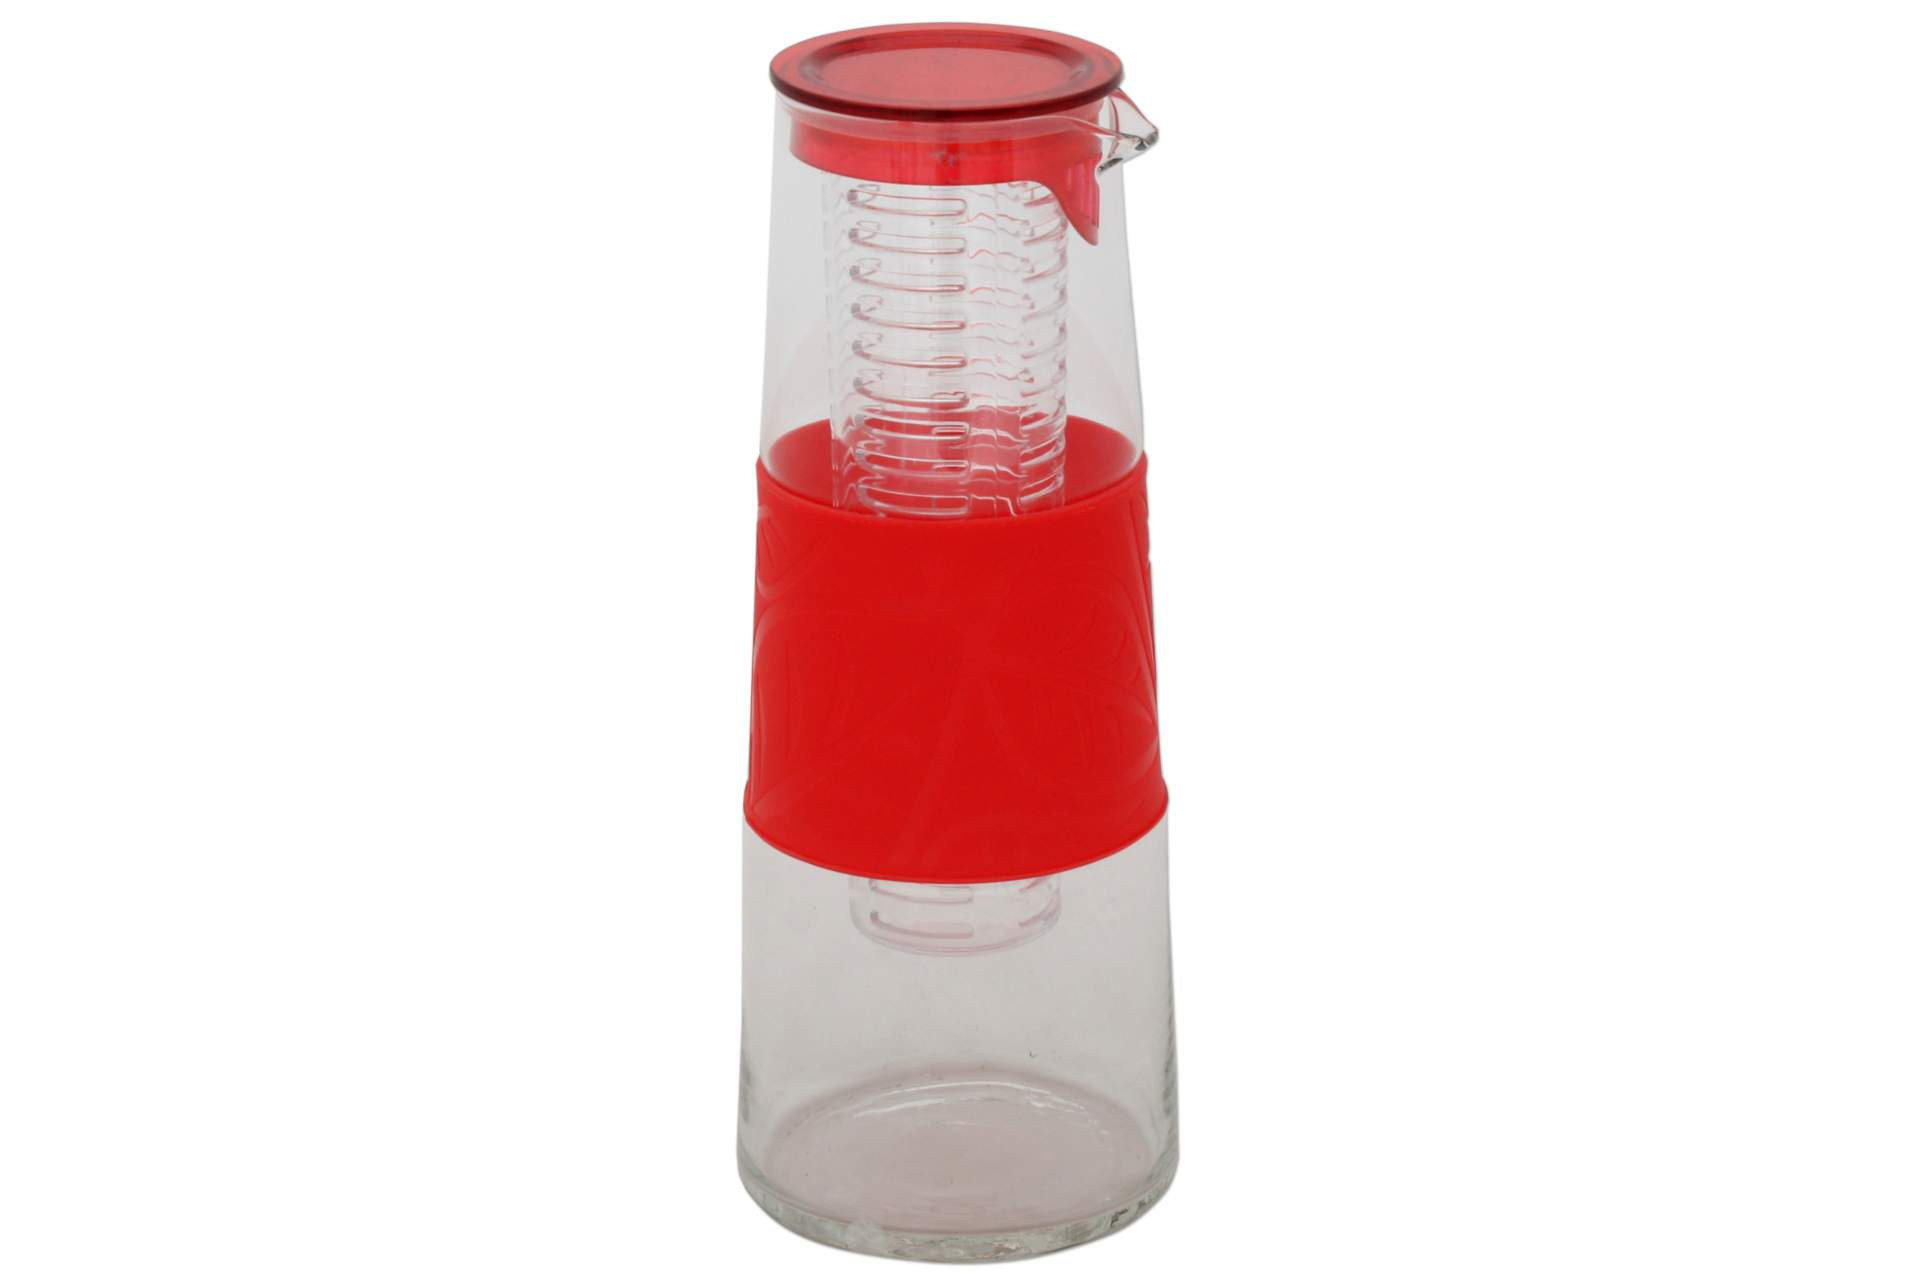 Glaskaraffe mit Fruchteinsatz rot Deckel 1 Liter Glas